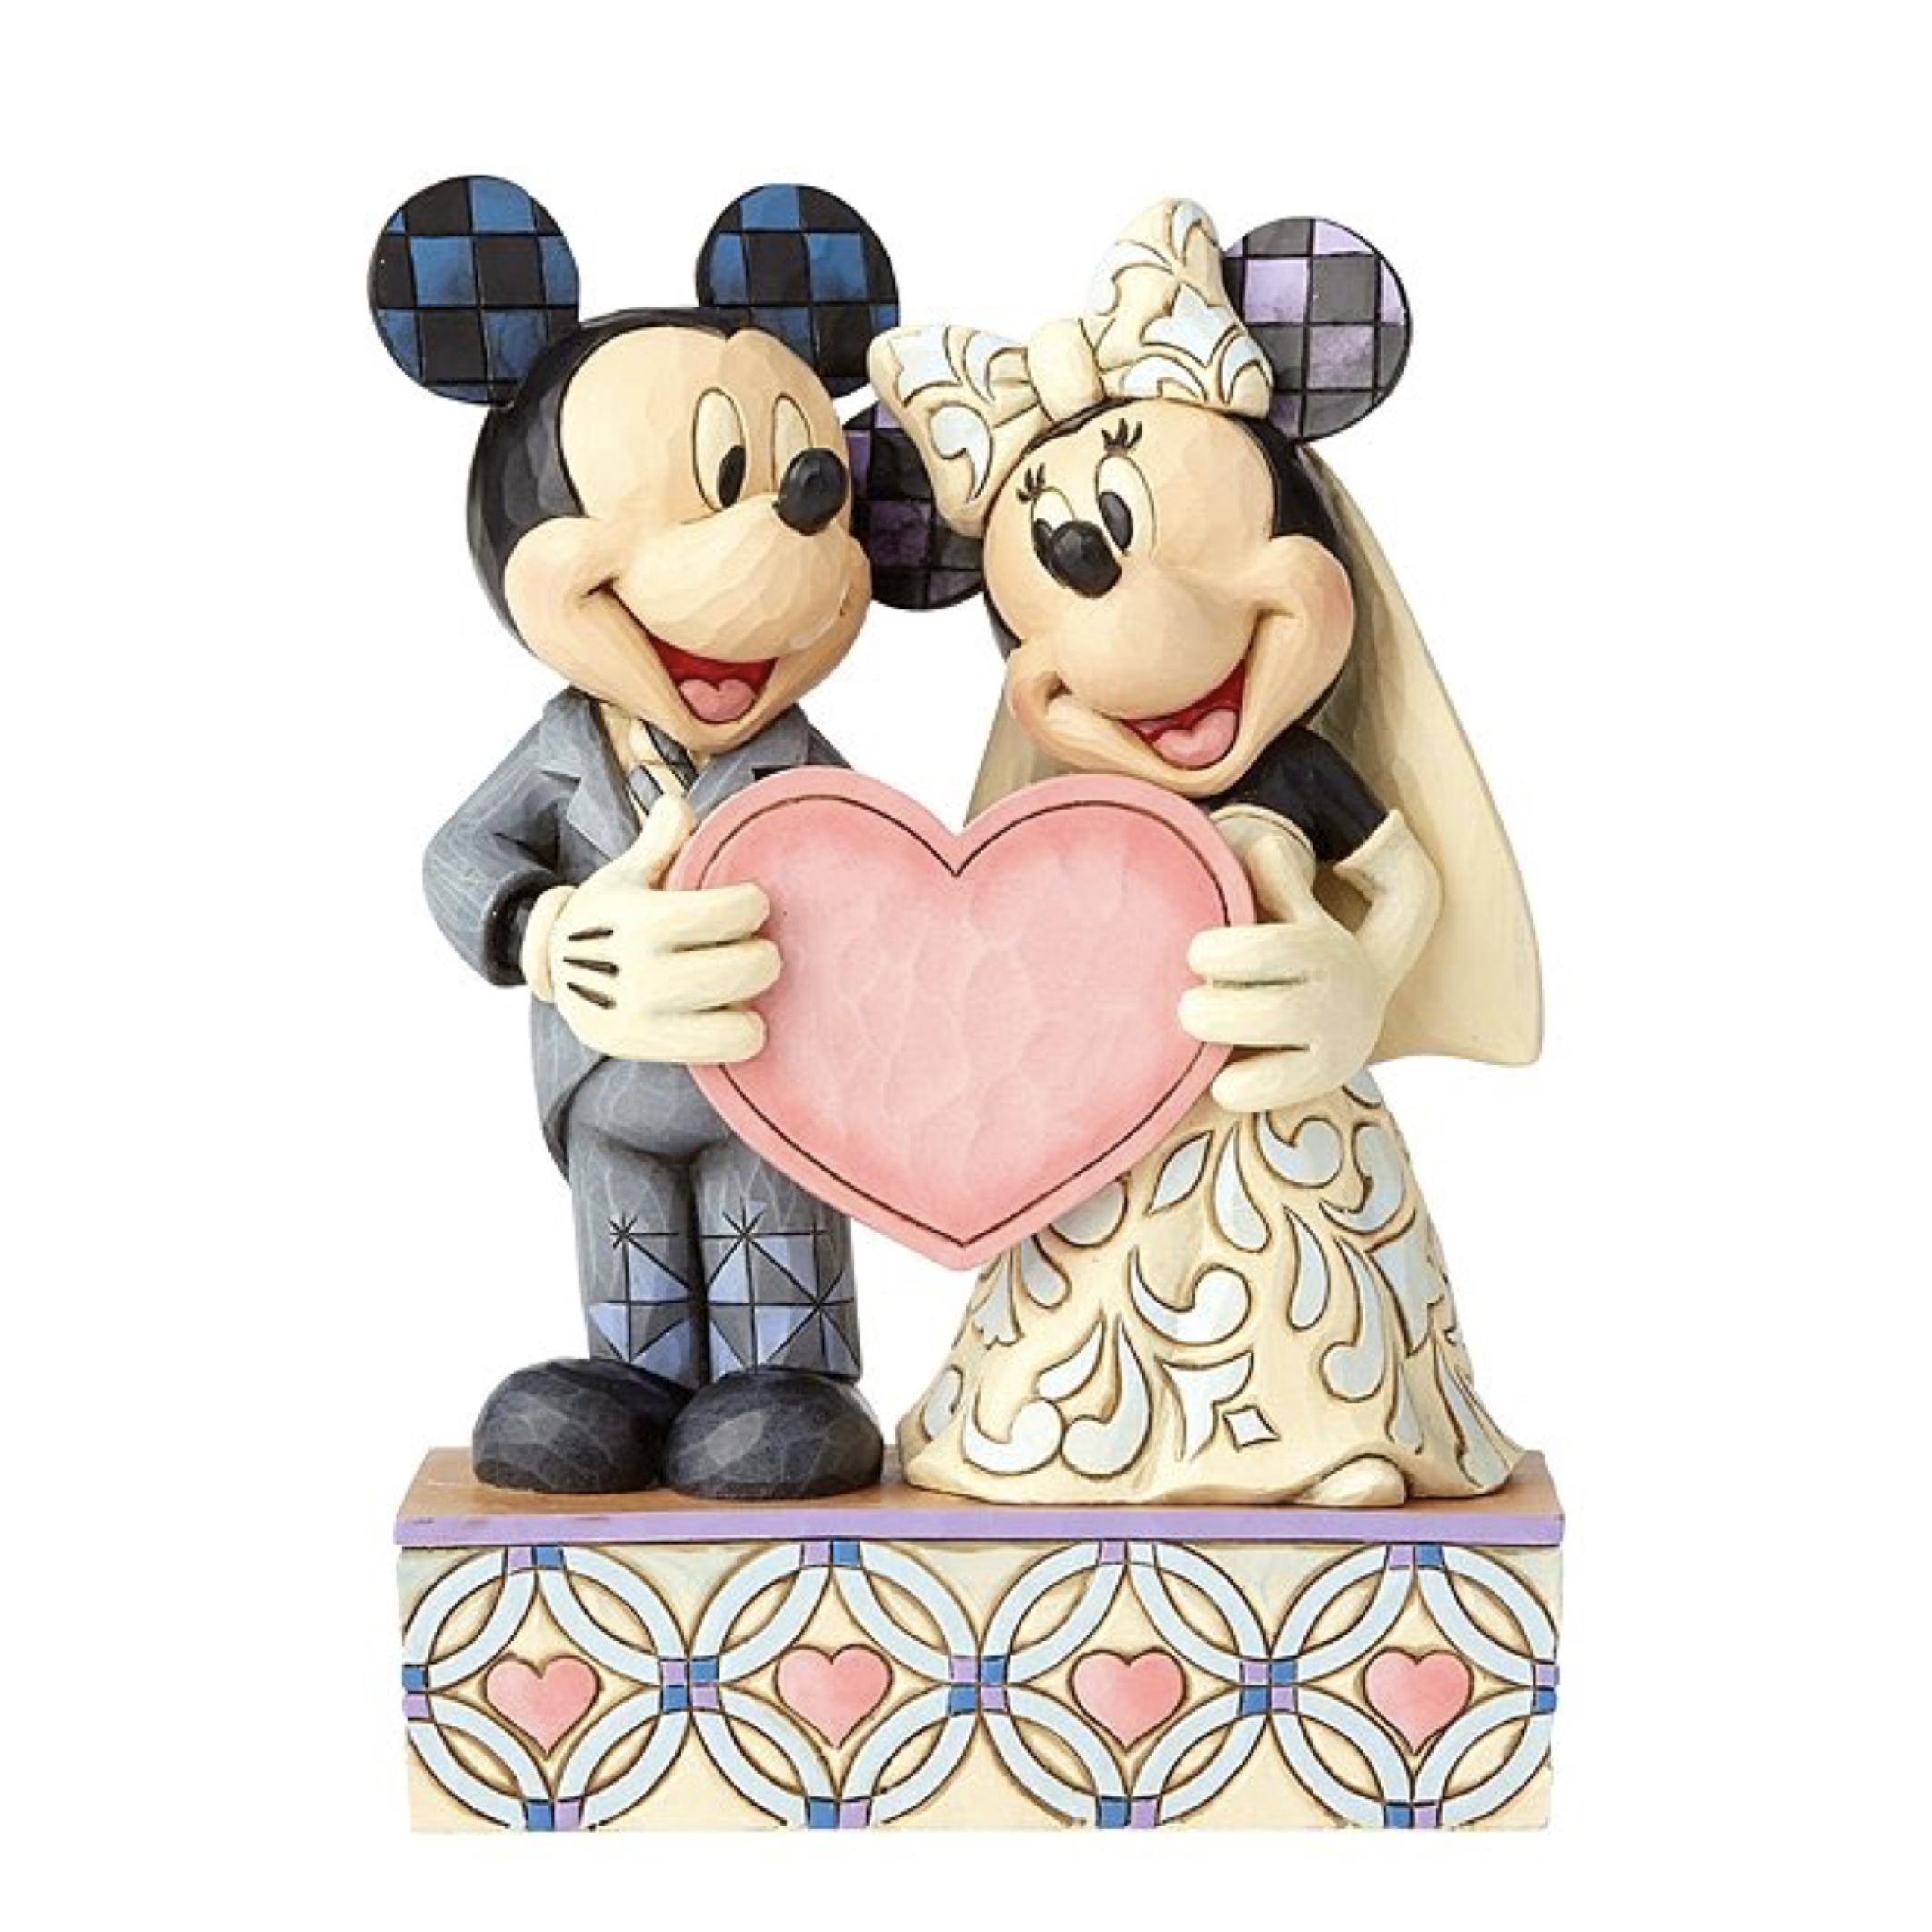 مجسمه ازدواج میکی موس و مینی موس